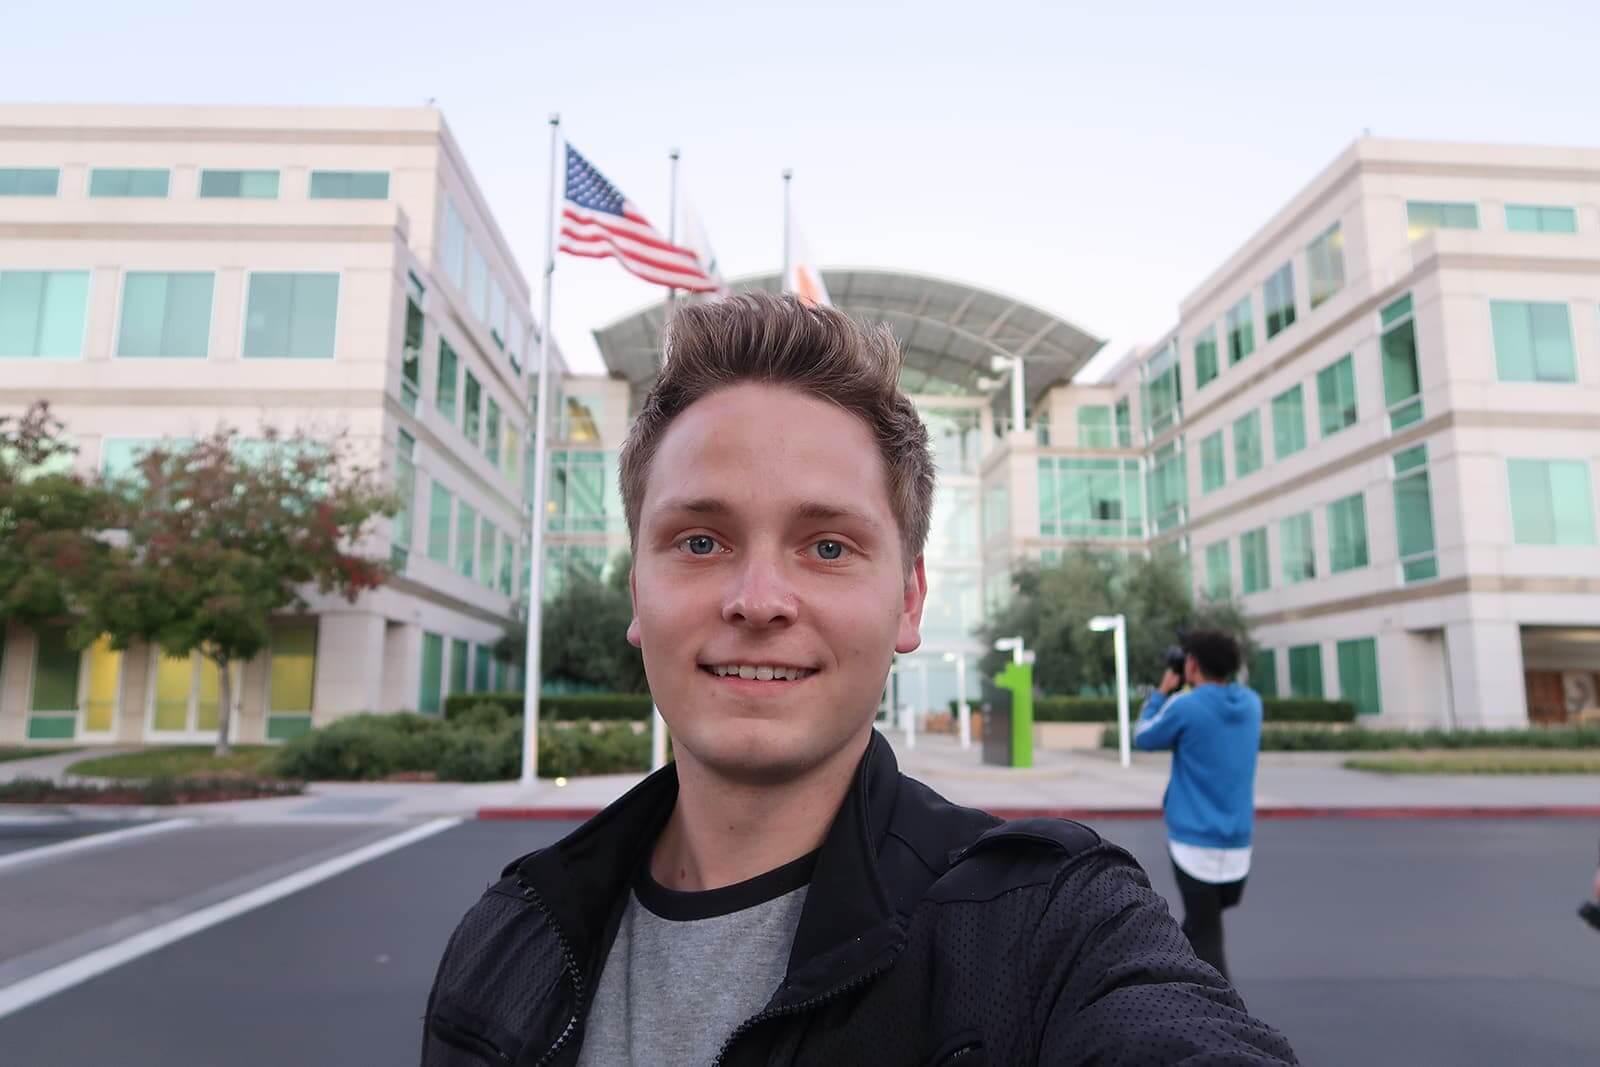 Geldlos im Bilderbuch San Francisco (Silicon Valley)